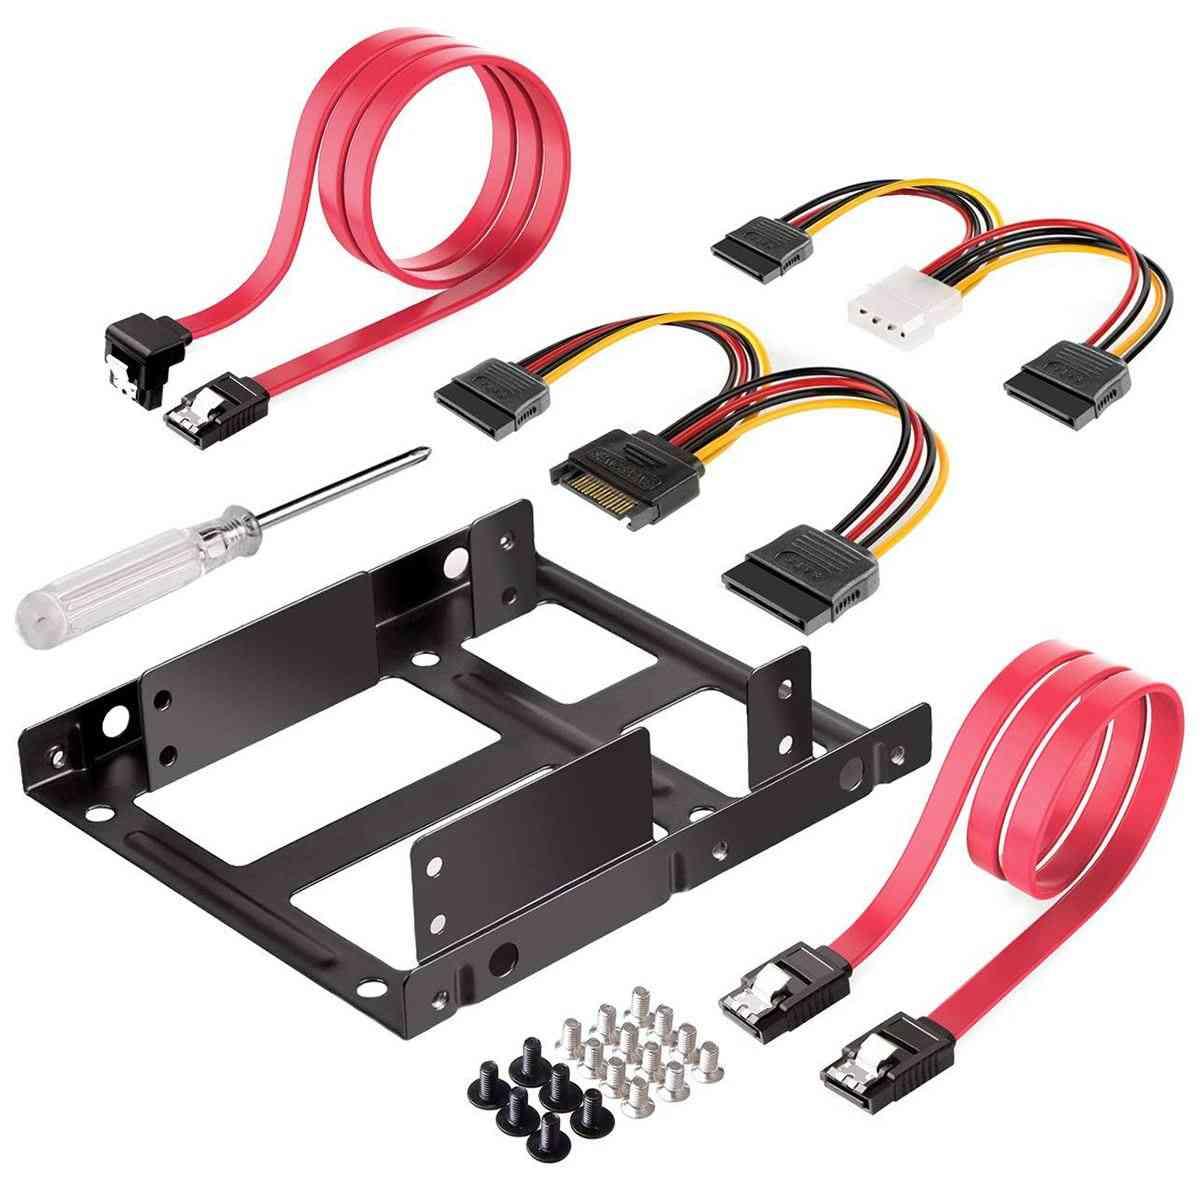 Internal Hard Disk Drive Mounting Bracket Kit